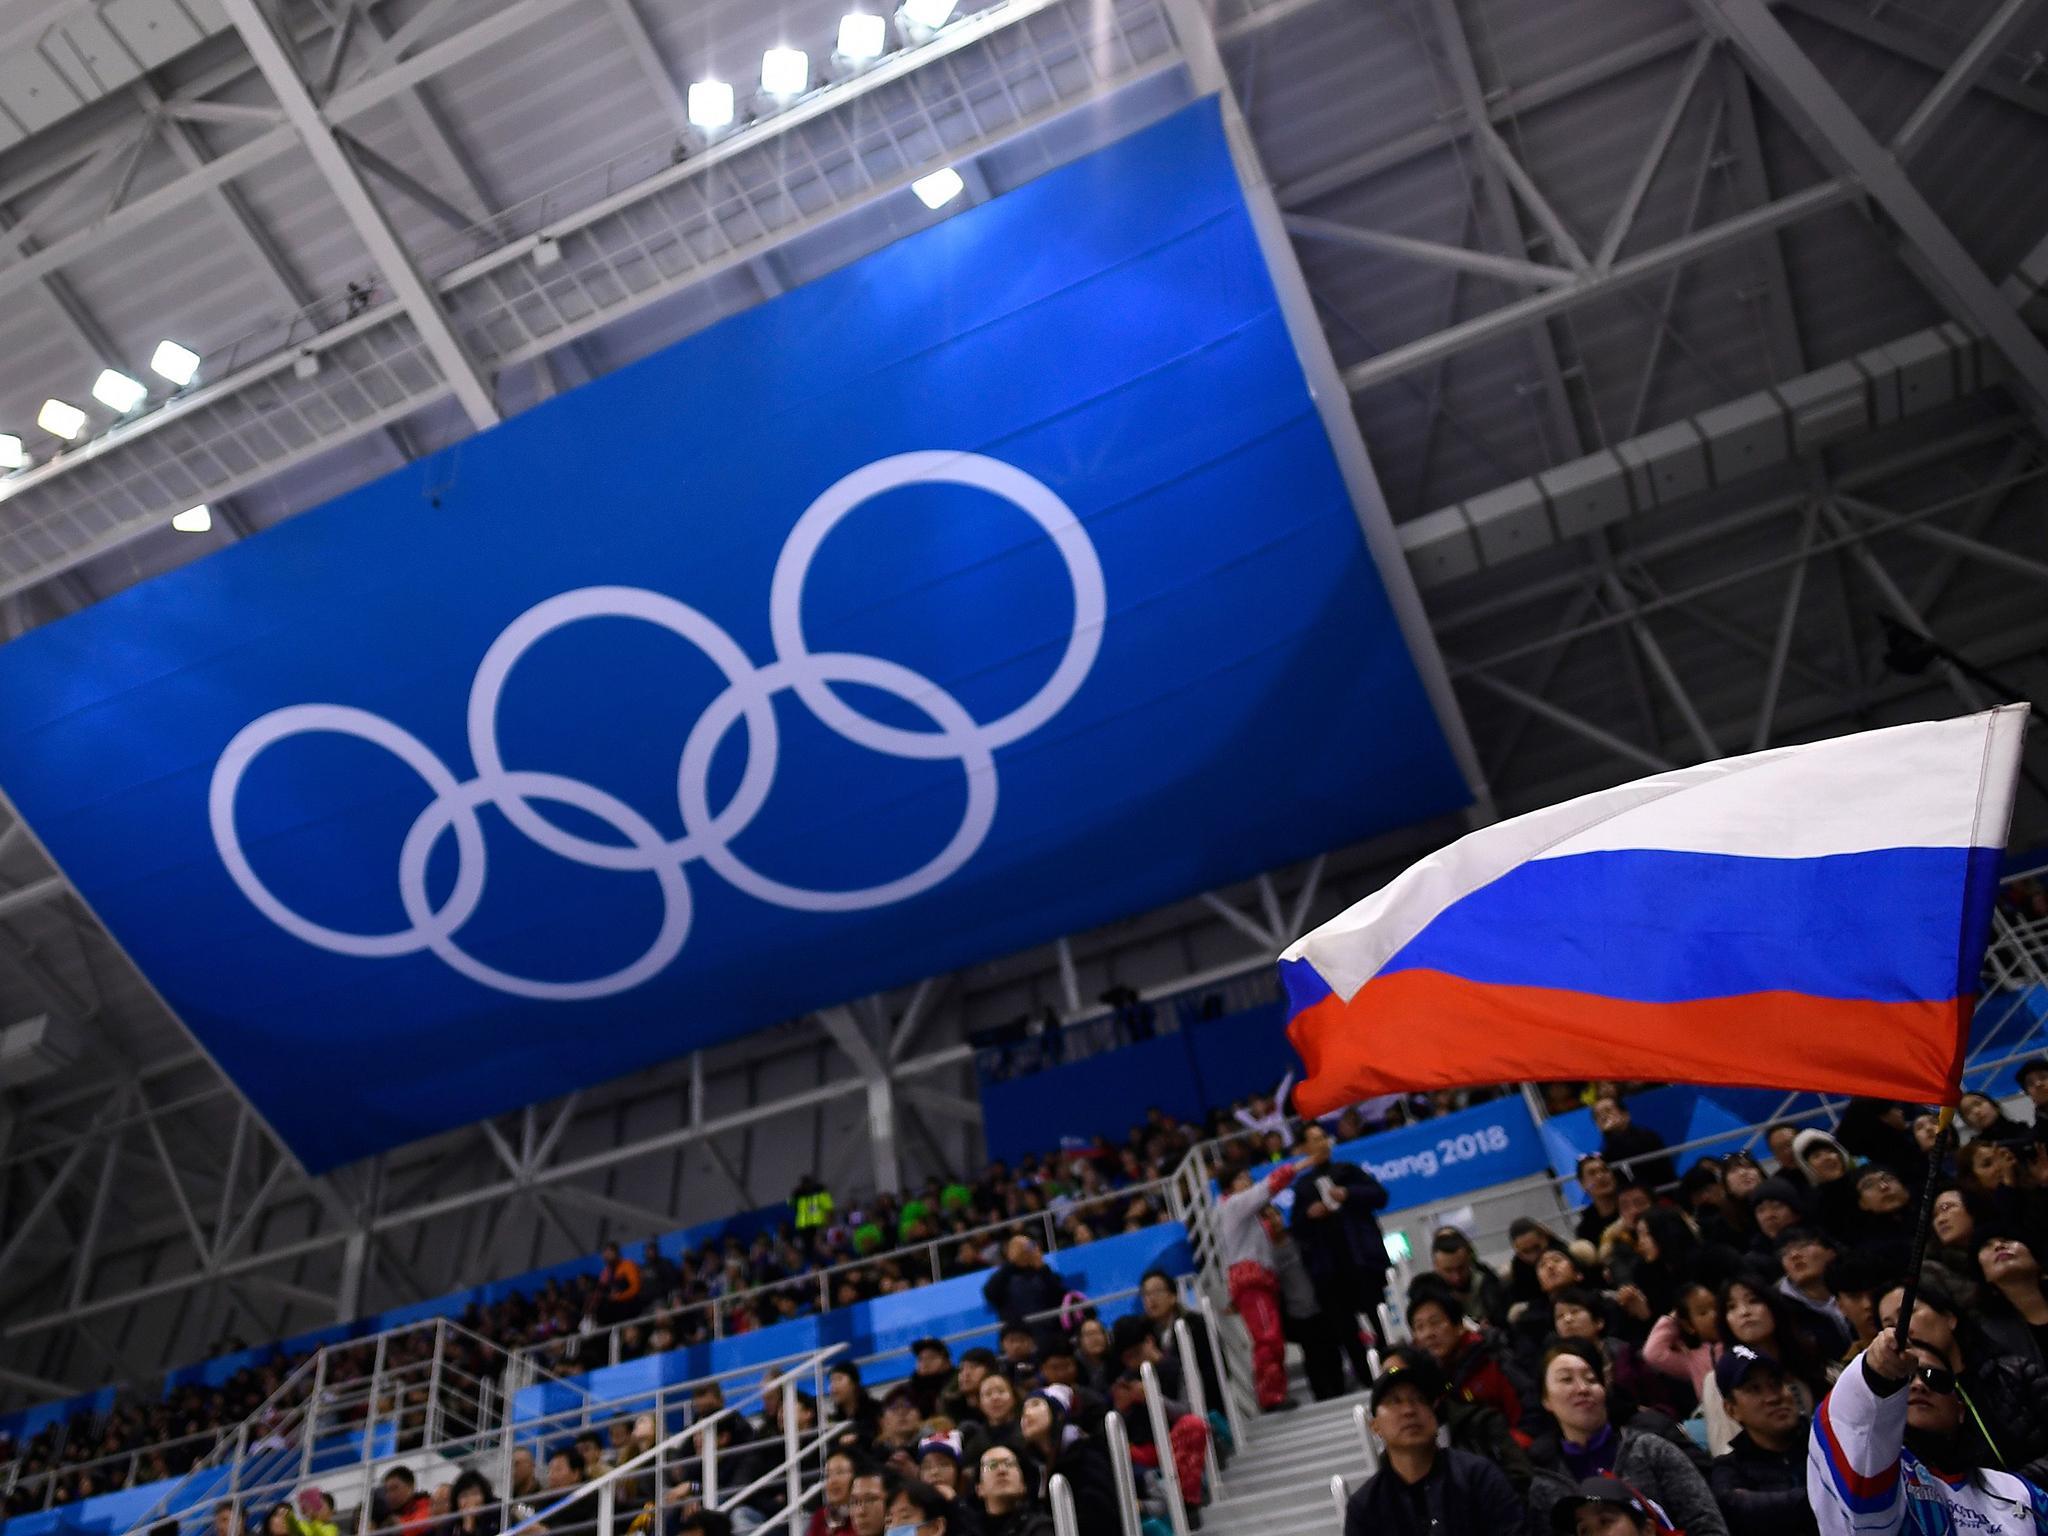 Rusia ar putea primi o interdictie olimpica de patru ani pentru incalcarea regulilor antidoping